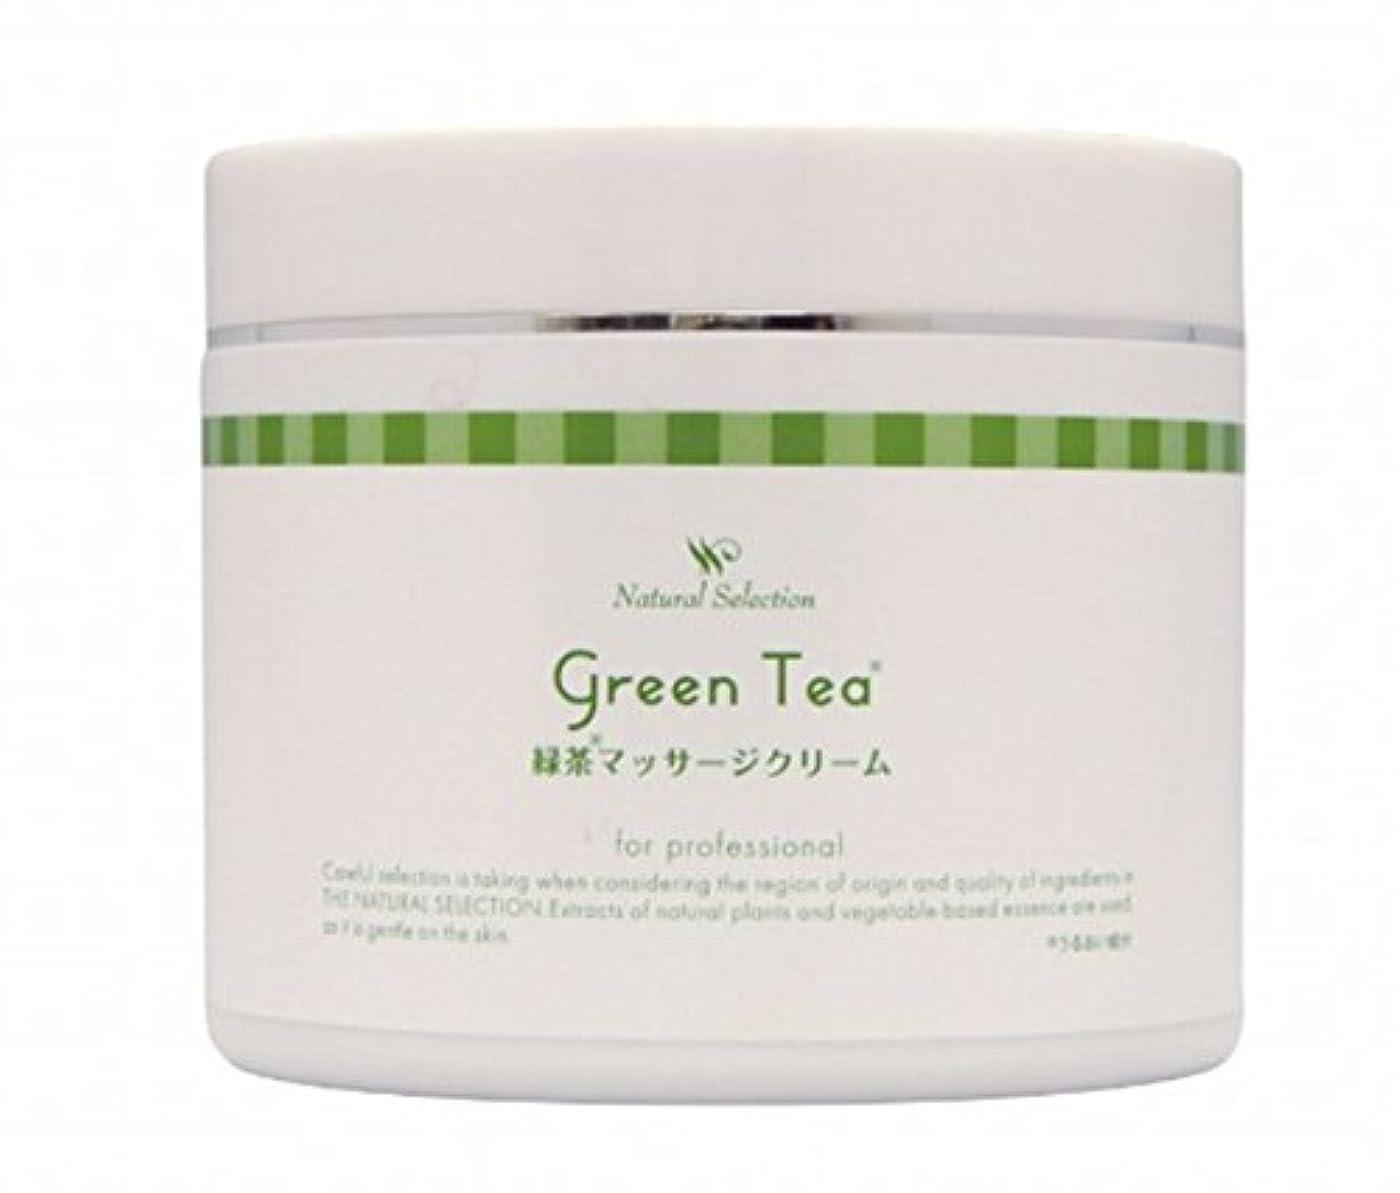 自慢型早く緑茶マッサージクリーム(450g)【フットマッサージ】足もみクリーム